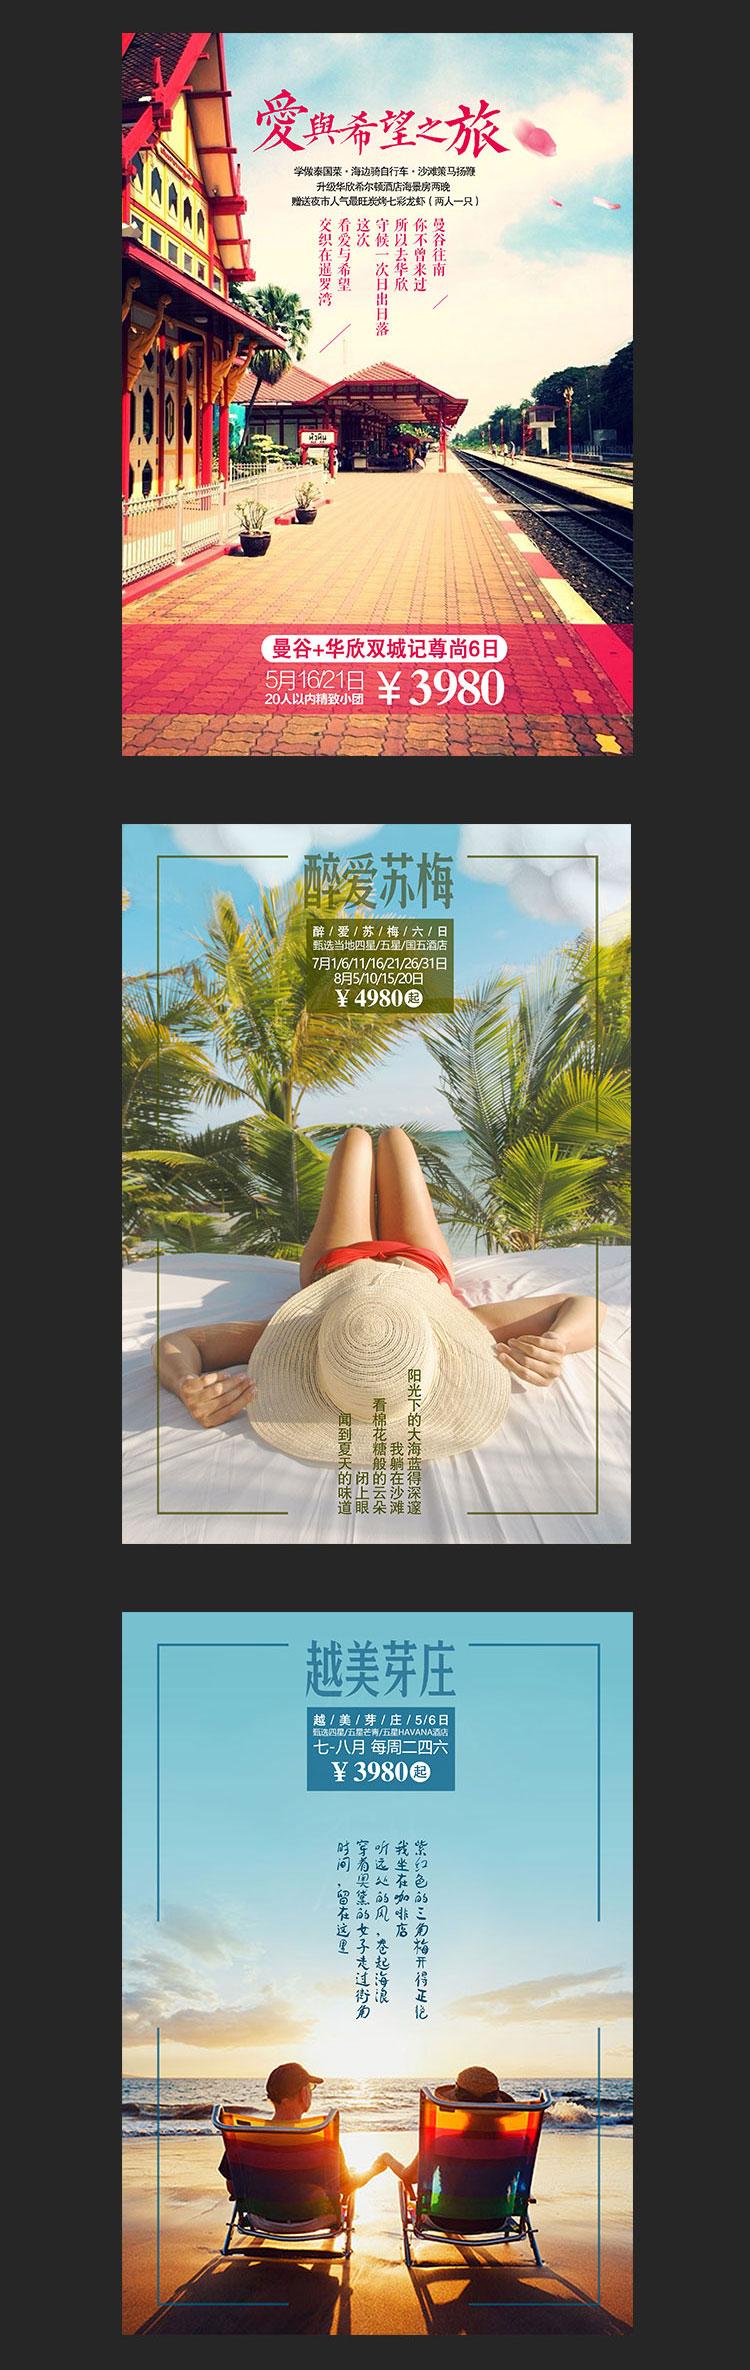 旅游广告 推广图片